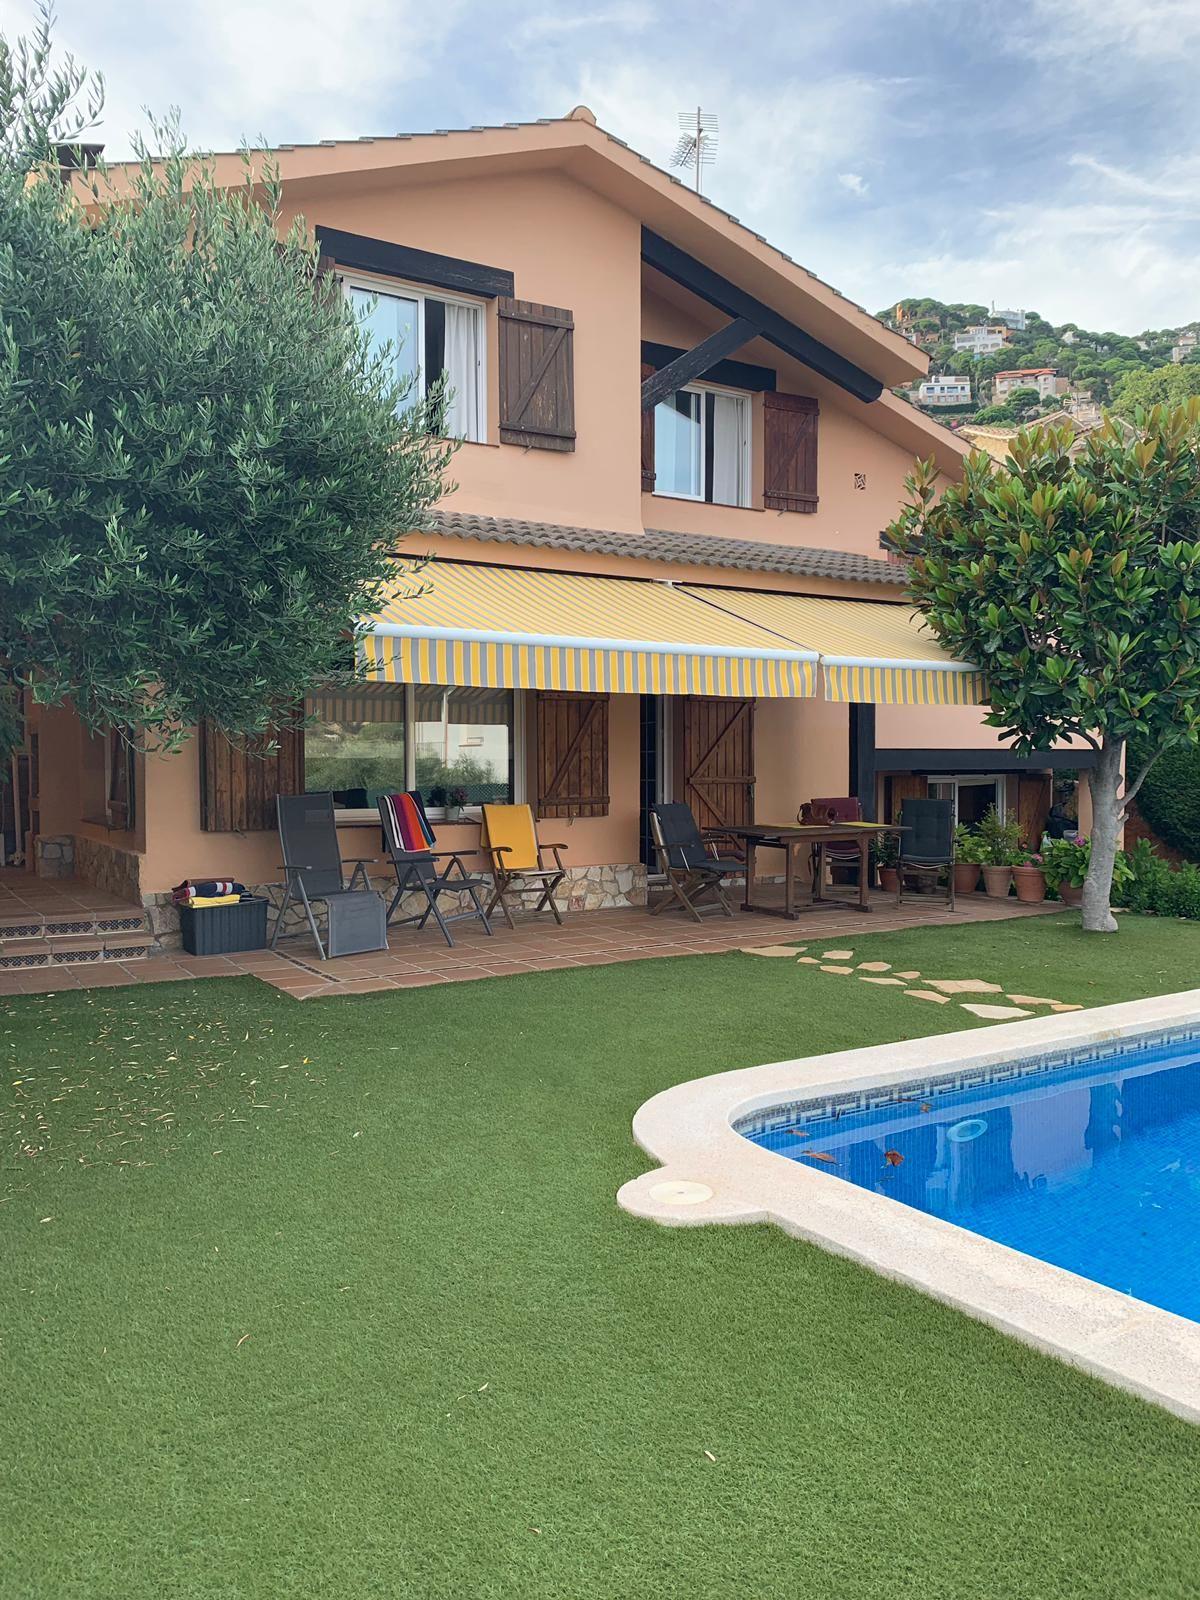 Casa / Chalet en Lloret de Mar, Lloret de Dalt, venta